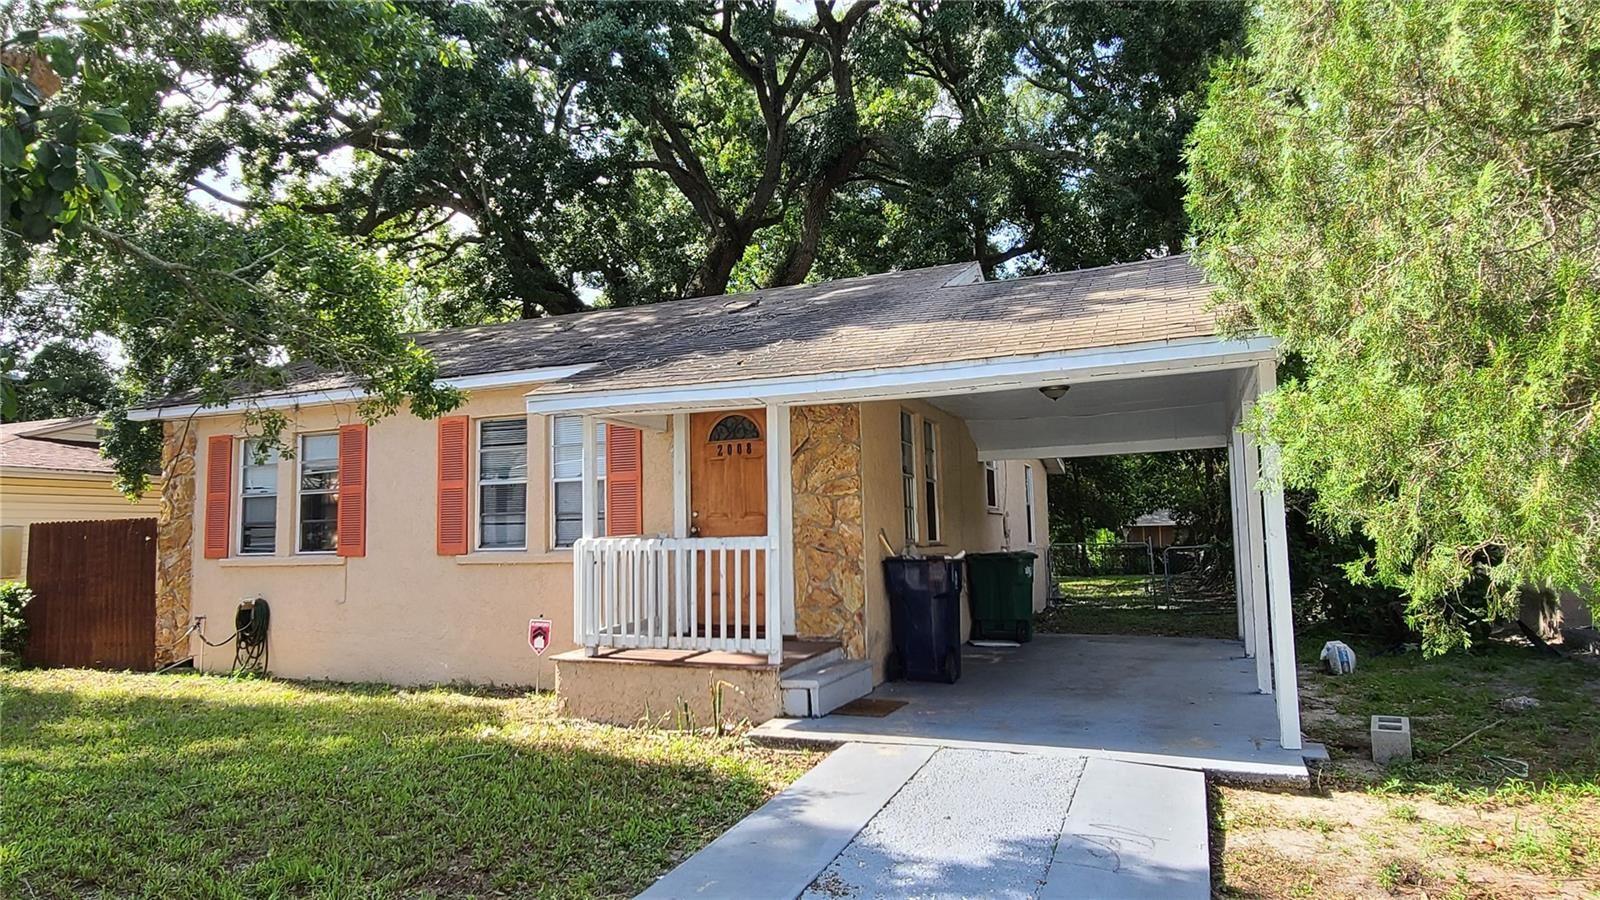 2008 E COMANCHE AVENUE, Tampa, FL 33610 - MLS#: T3317322